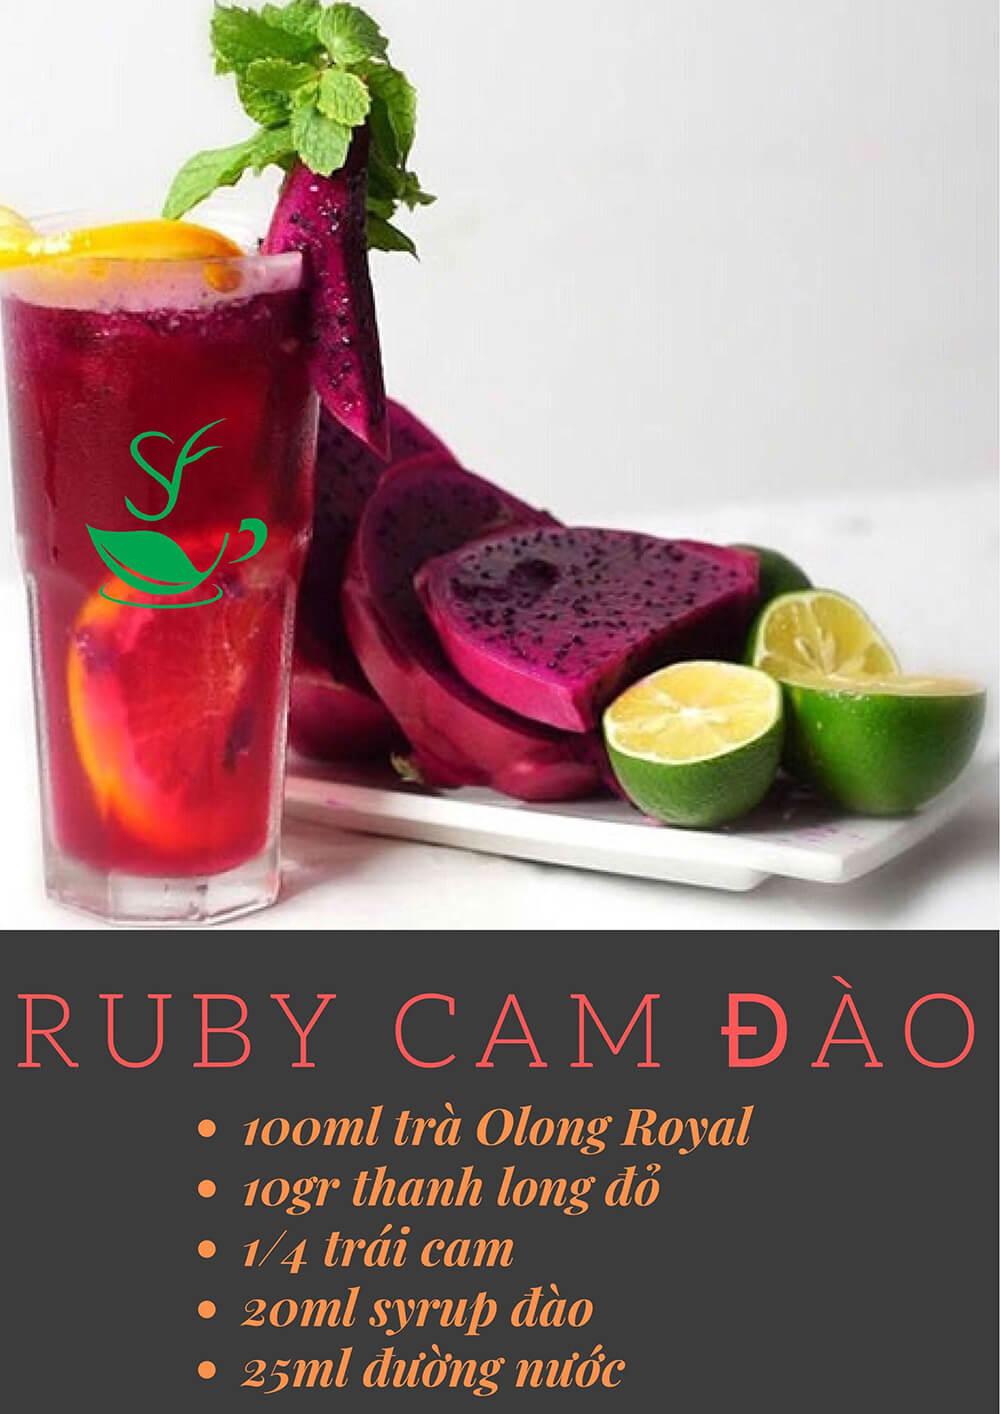 ruby-cam-dao